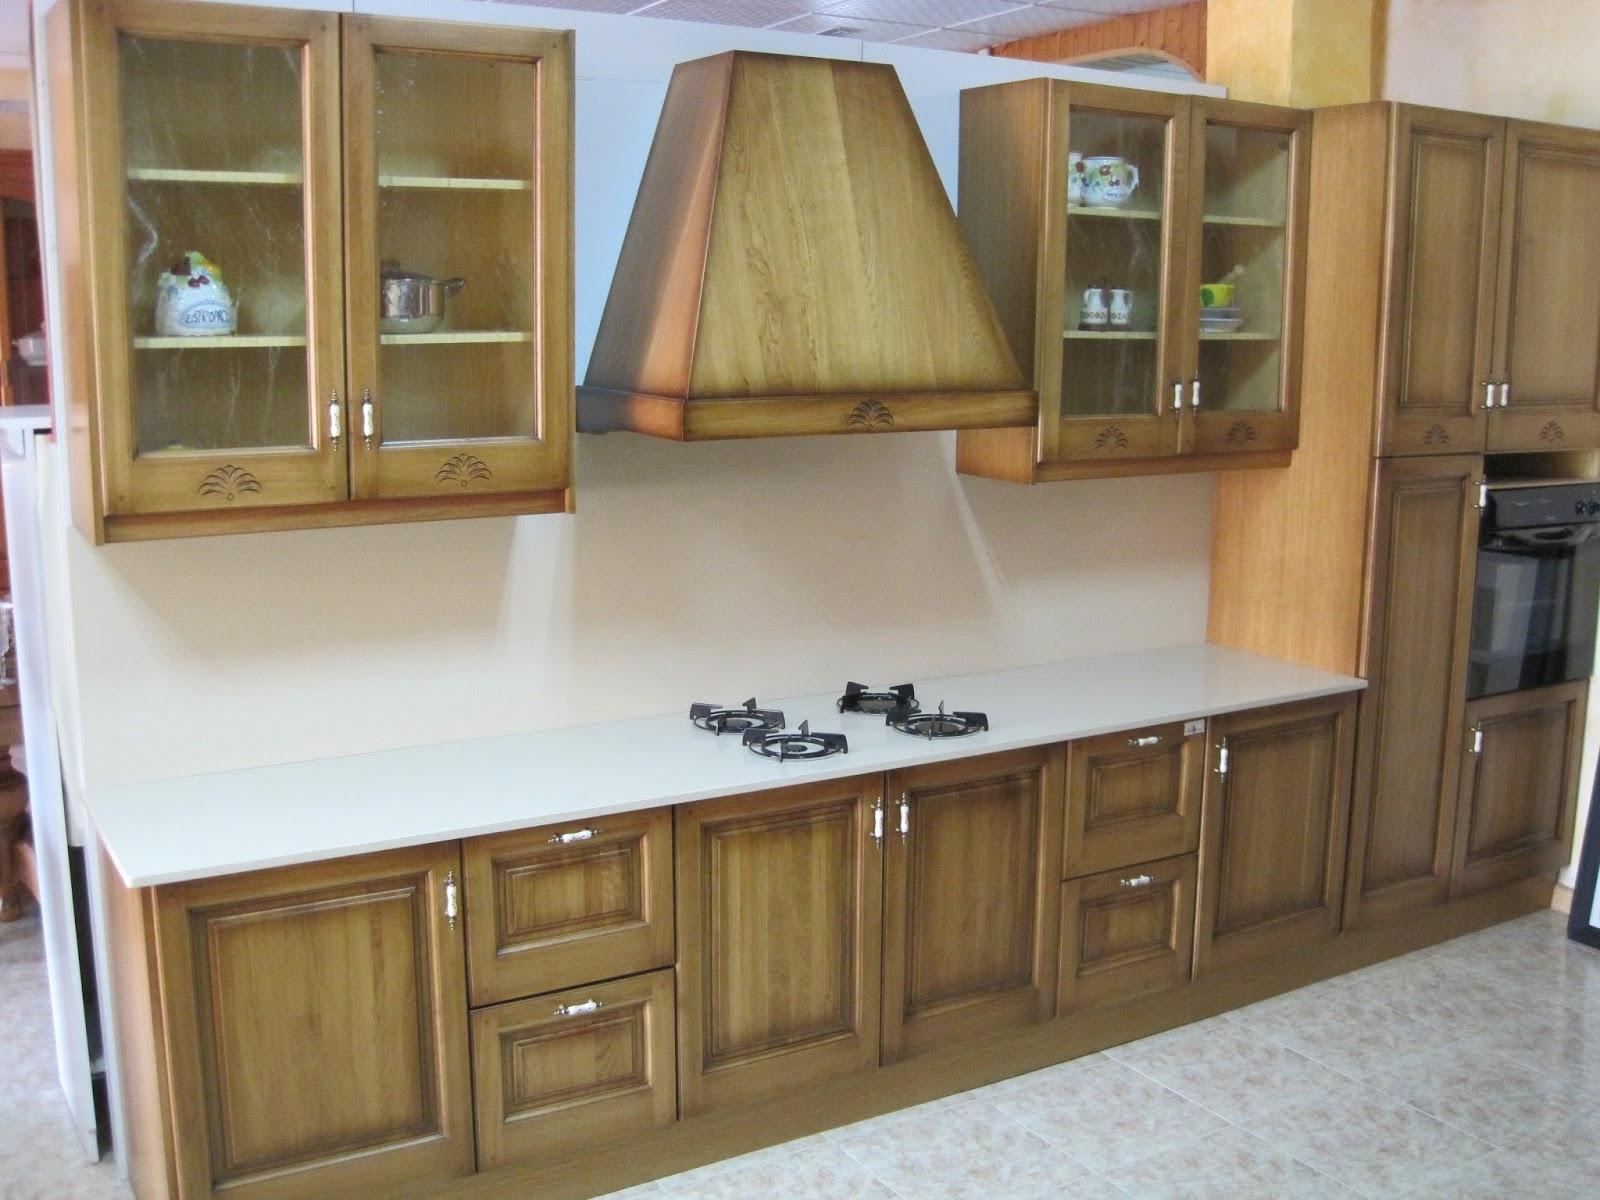 Muebles arcecoll cocina de roble for Cocinas de madera de roble